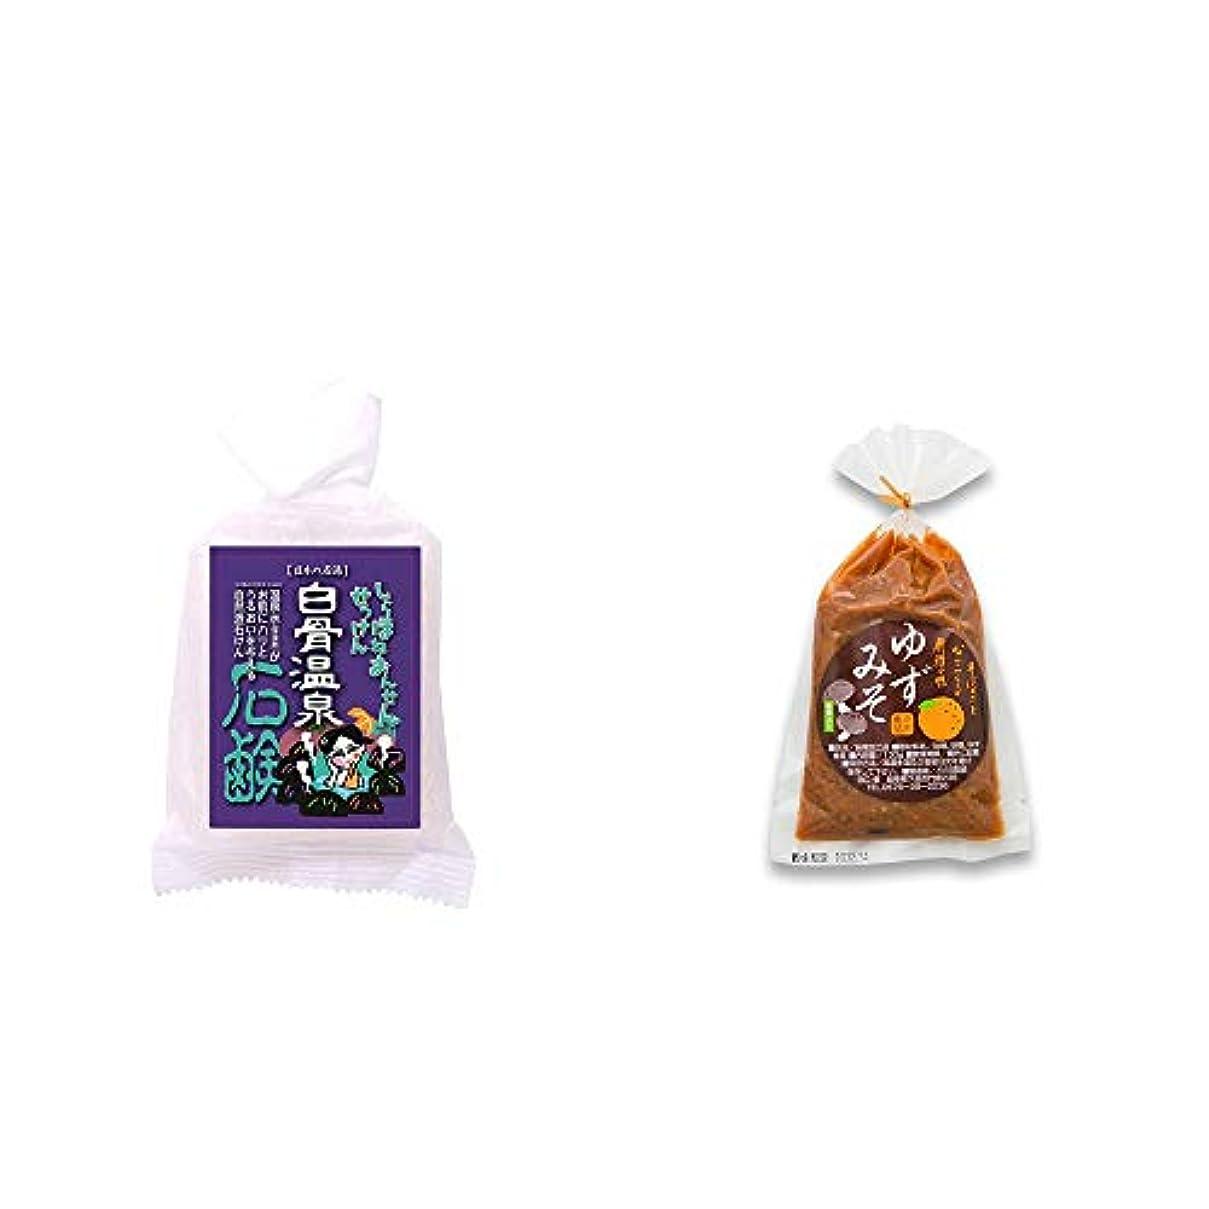 アライメントアルファベット順食料品店[2点セット] 信州 白骨温泉石鹸(80g)?ゆずみそ(130g)